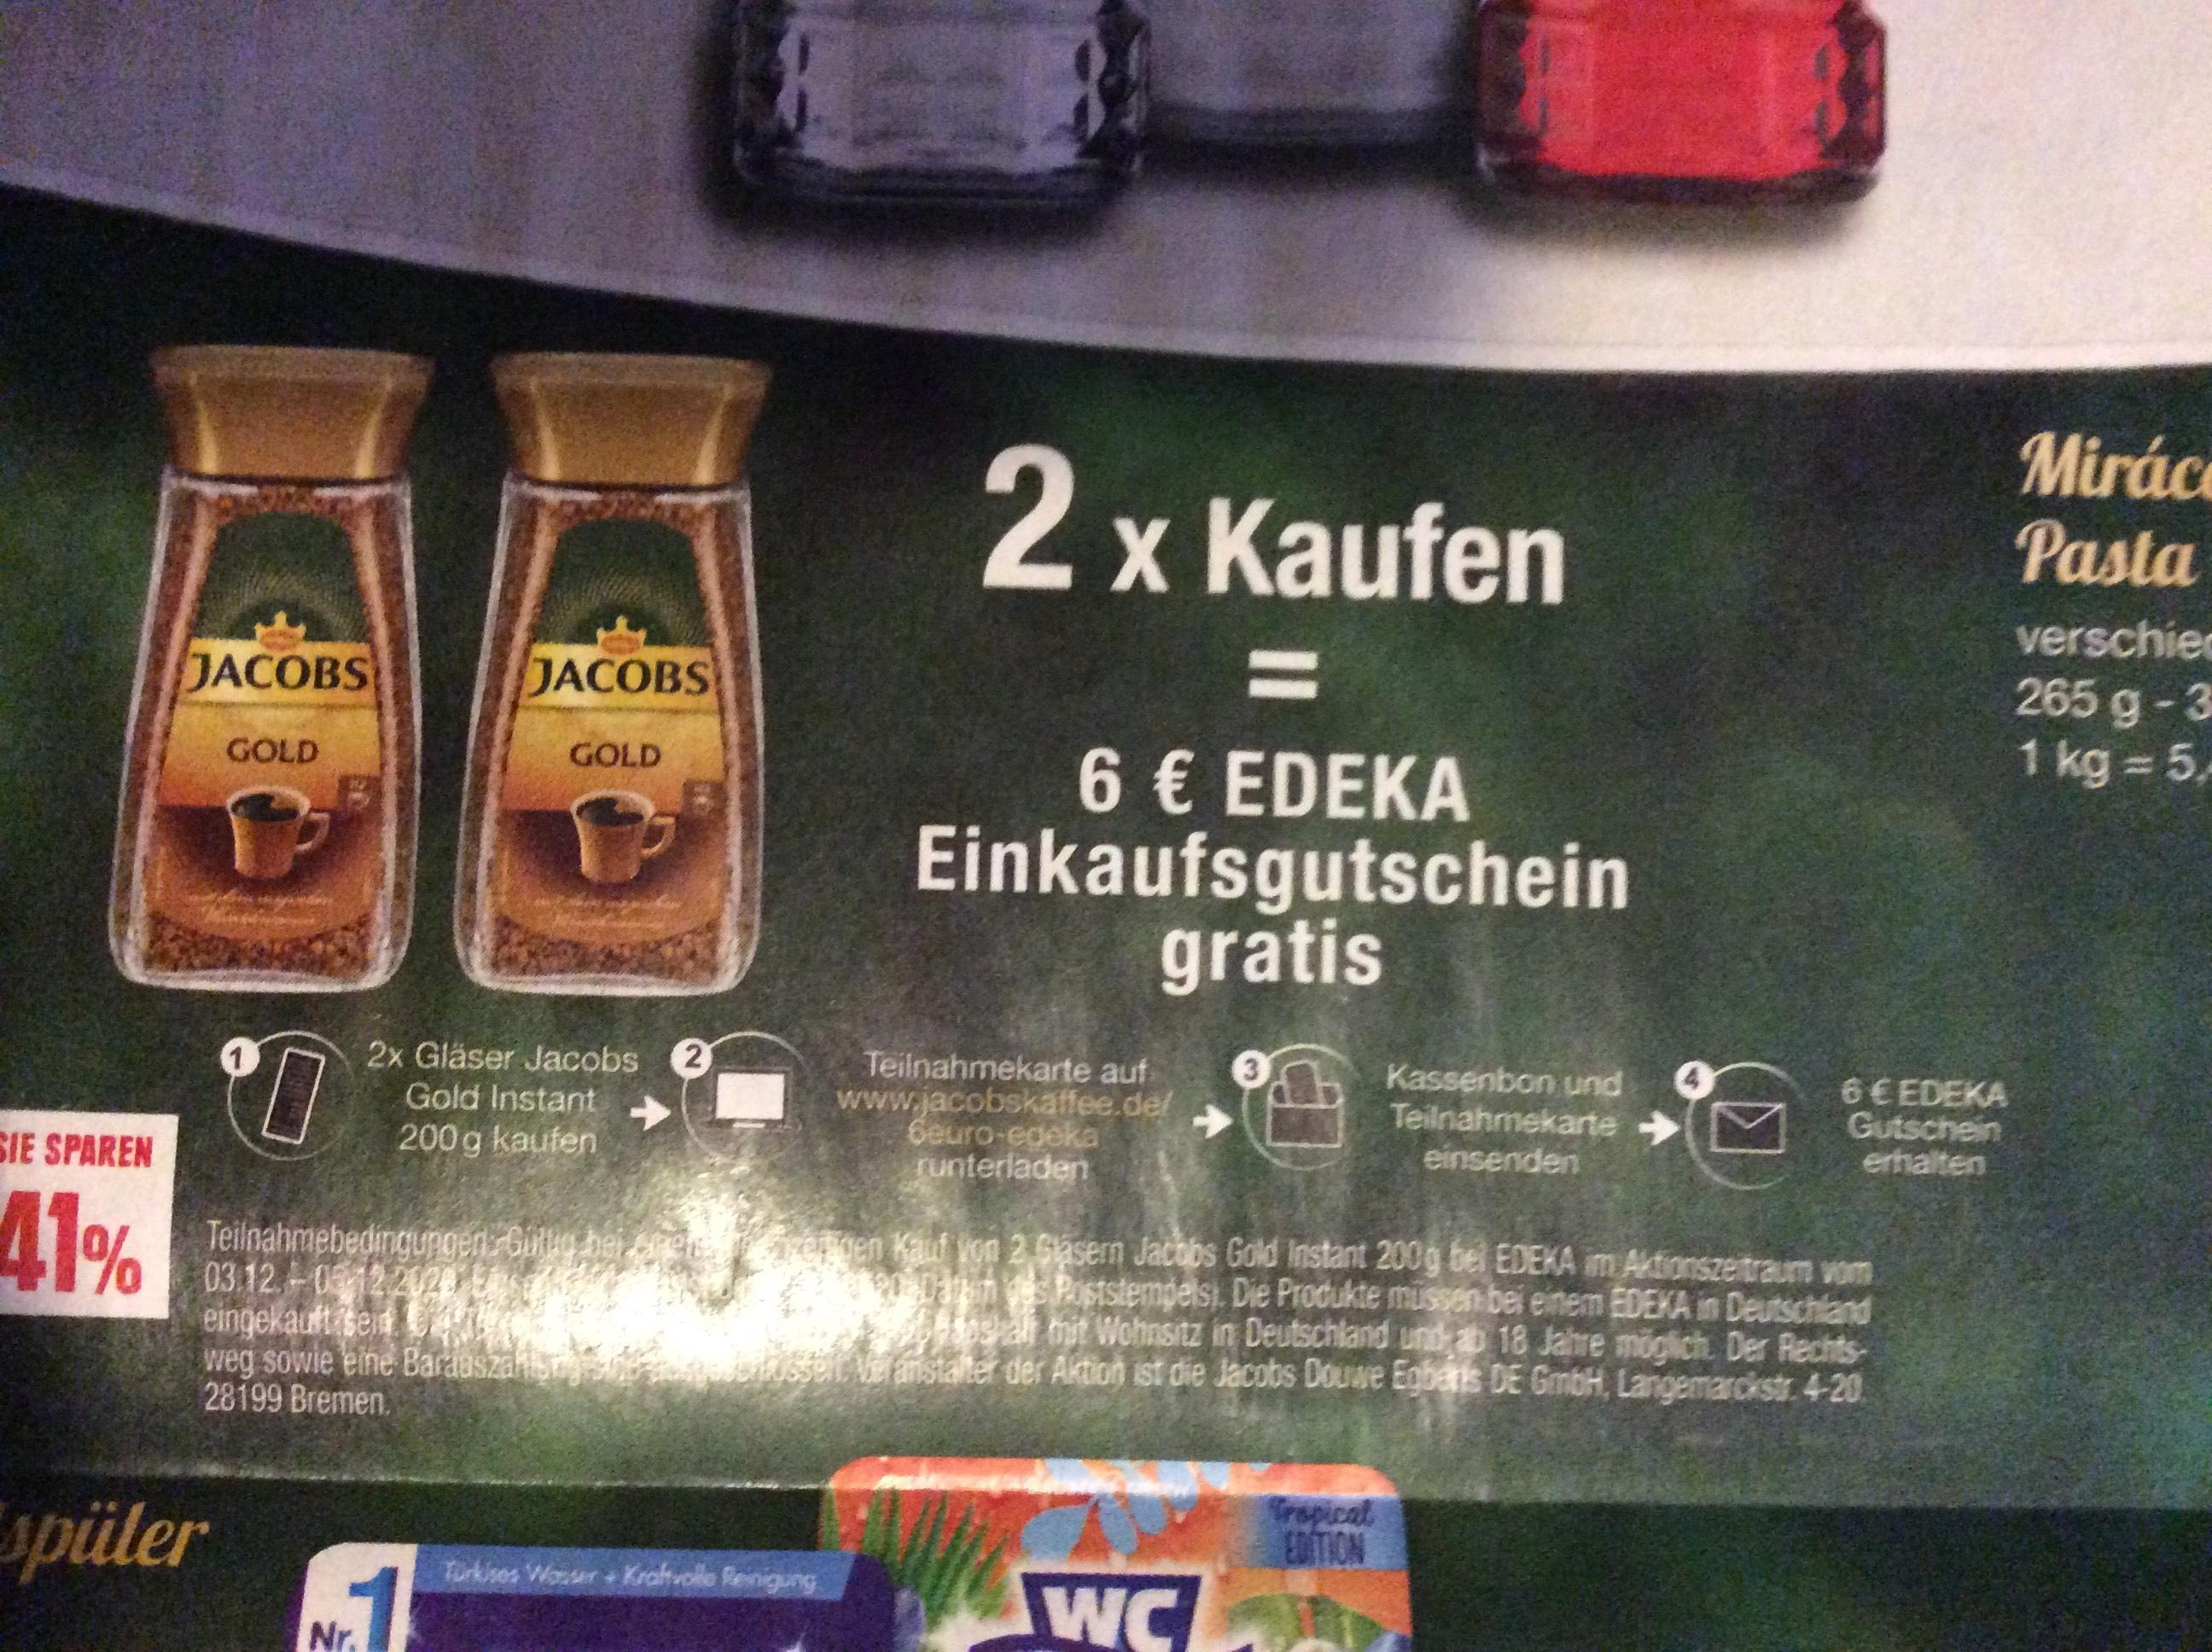 [EDEKA] Jacobs Gold für 3,92€ dazu Aktion: 2 Gläser kaufen und 6€ Edeka Gutschein erhalten